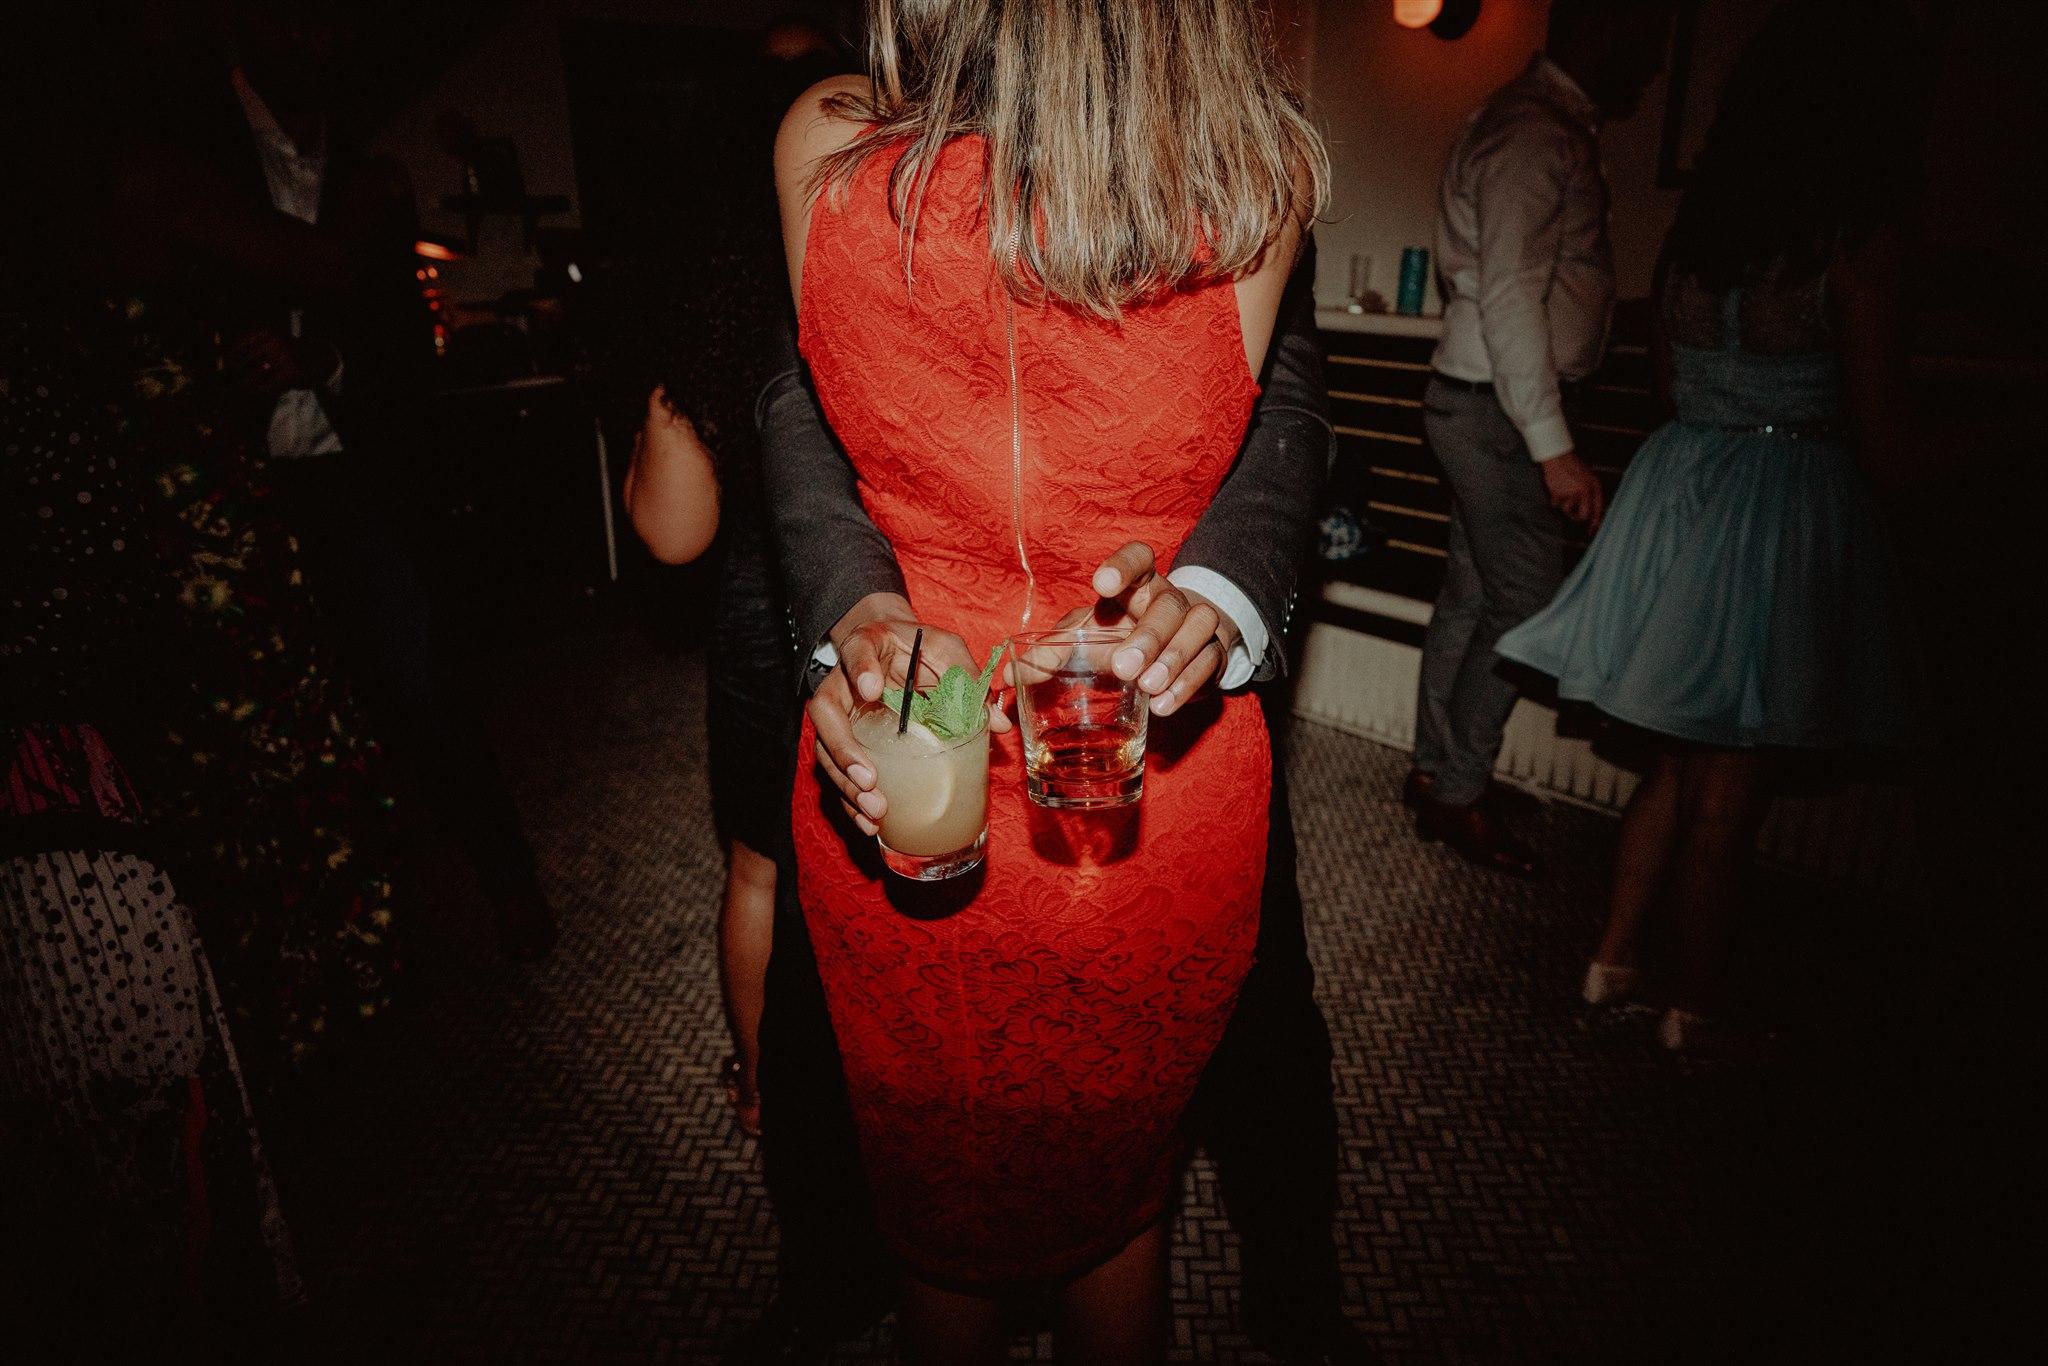 Chellise_Michael_Photography_Ramona_Brooklyn_Wedding_Photographer-849.jpg